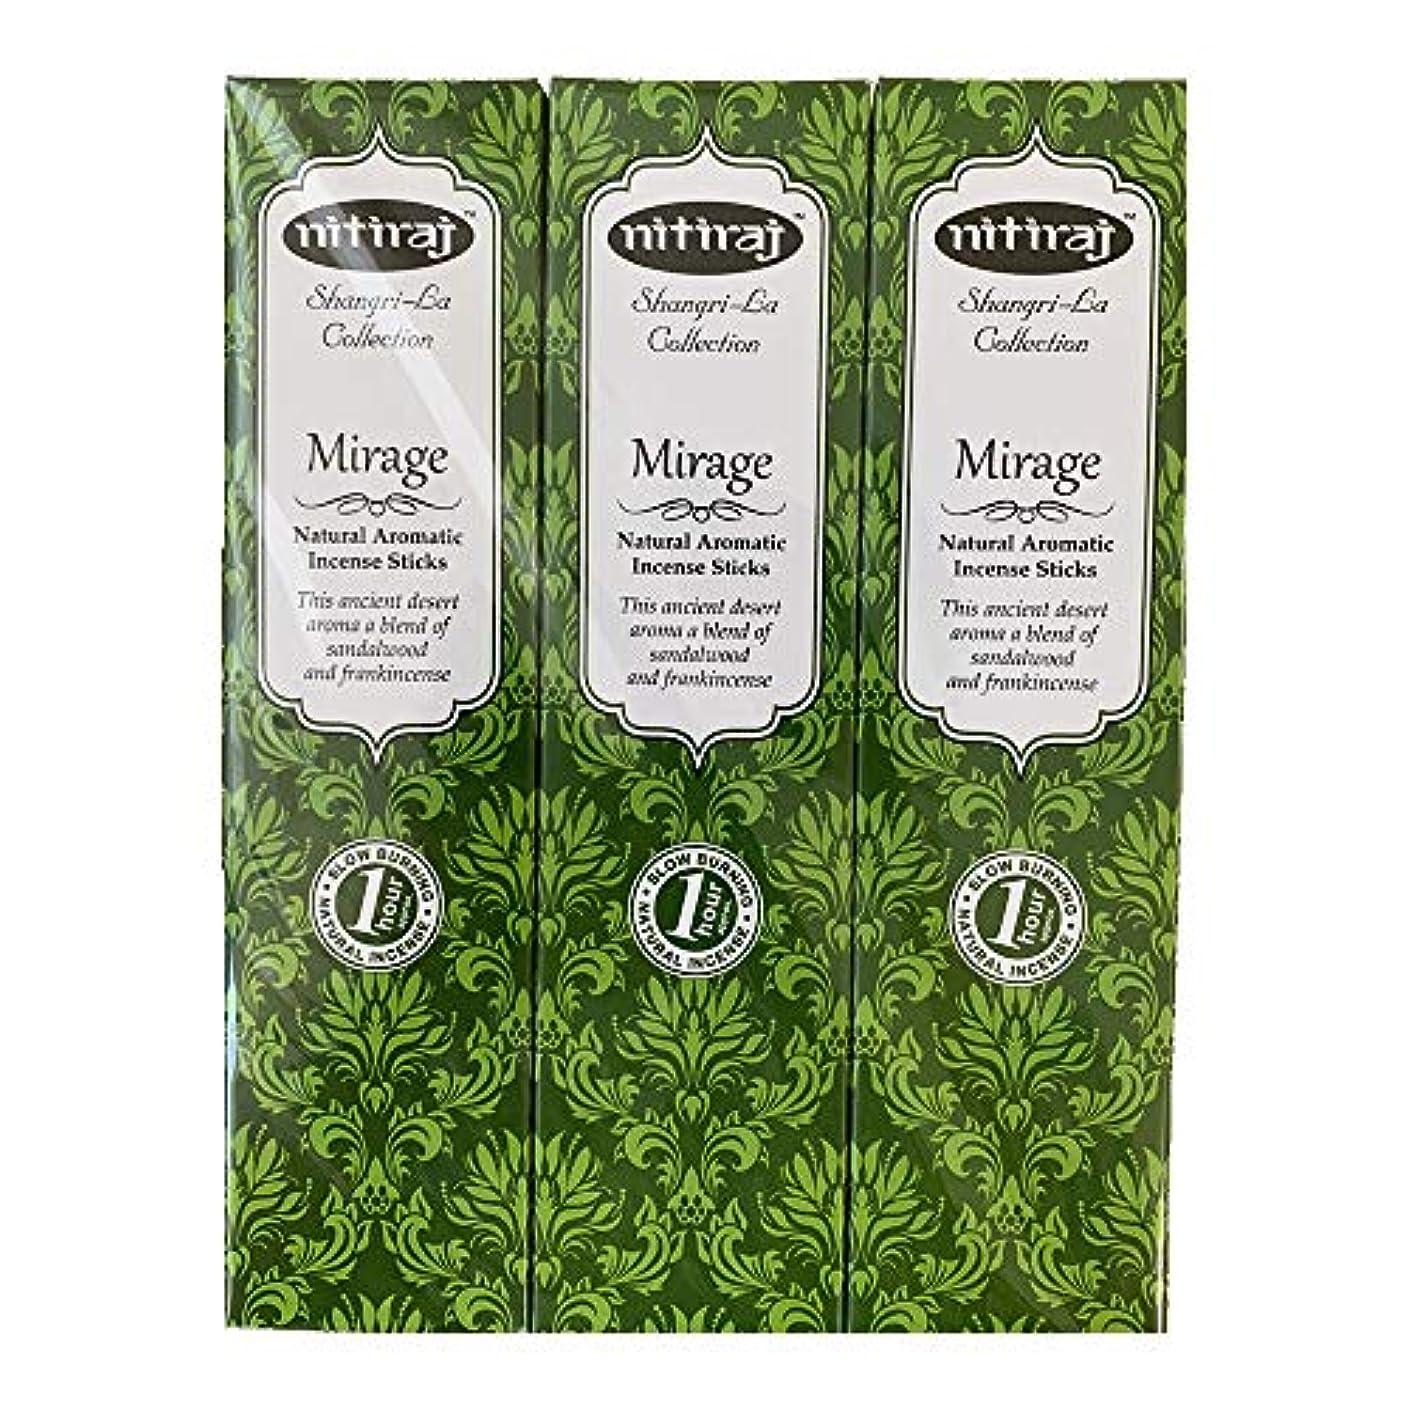 電池協会ライオンお香 アロマインセンス Nitiraj(ニティラジ)Mirage(蜃気楼) 3箱セット(30本/1箱10本入り)100%天然素材